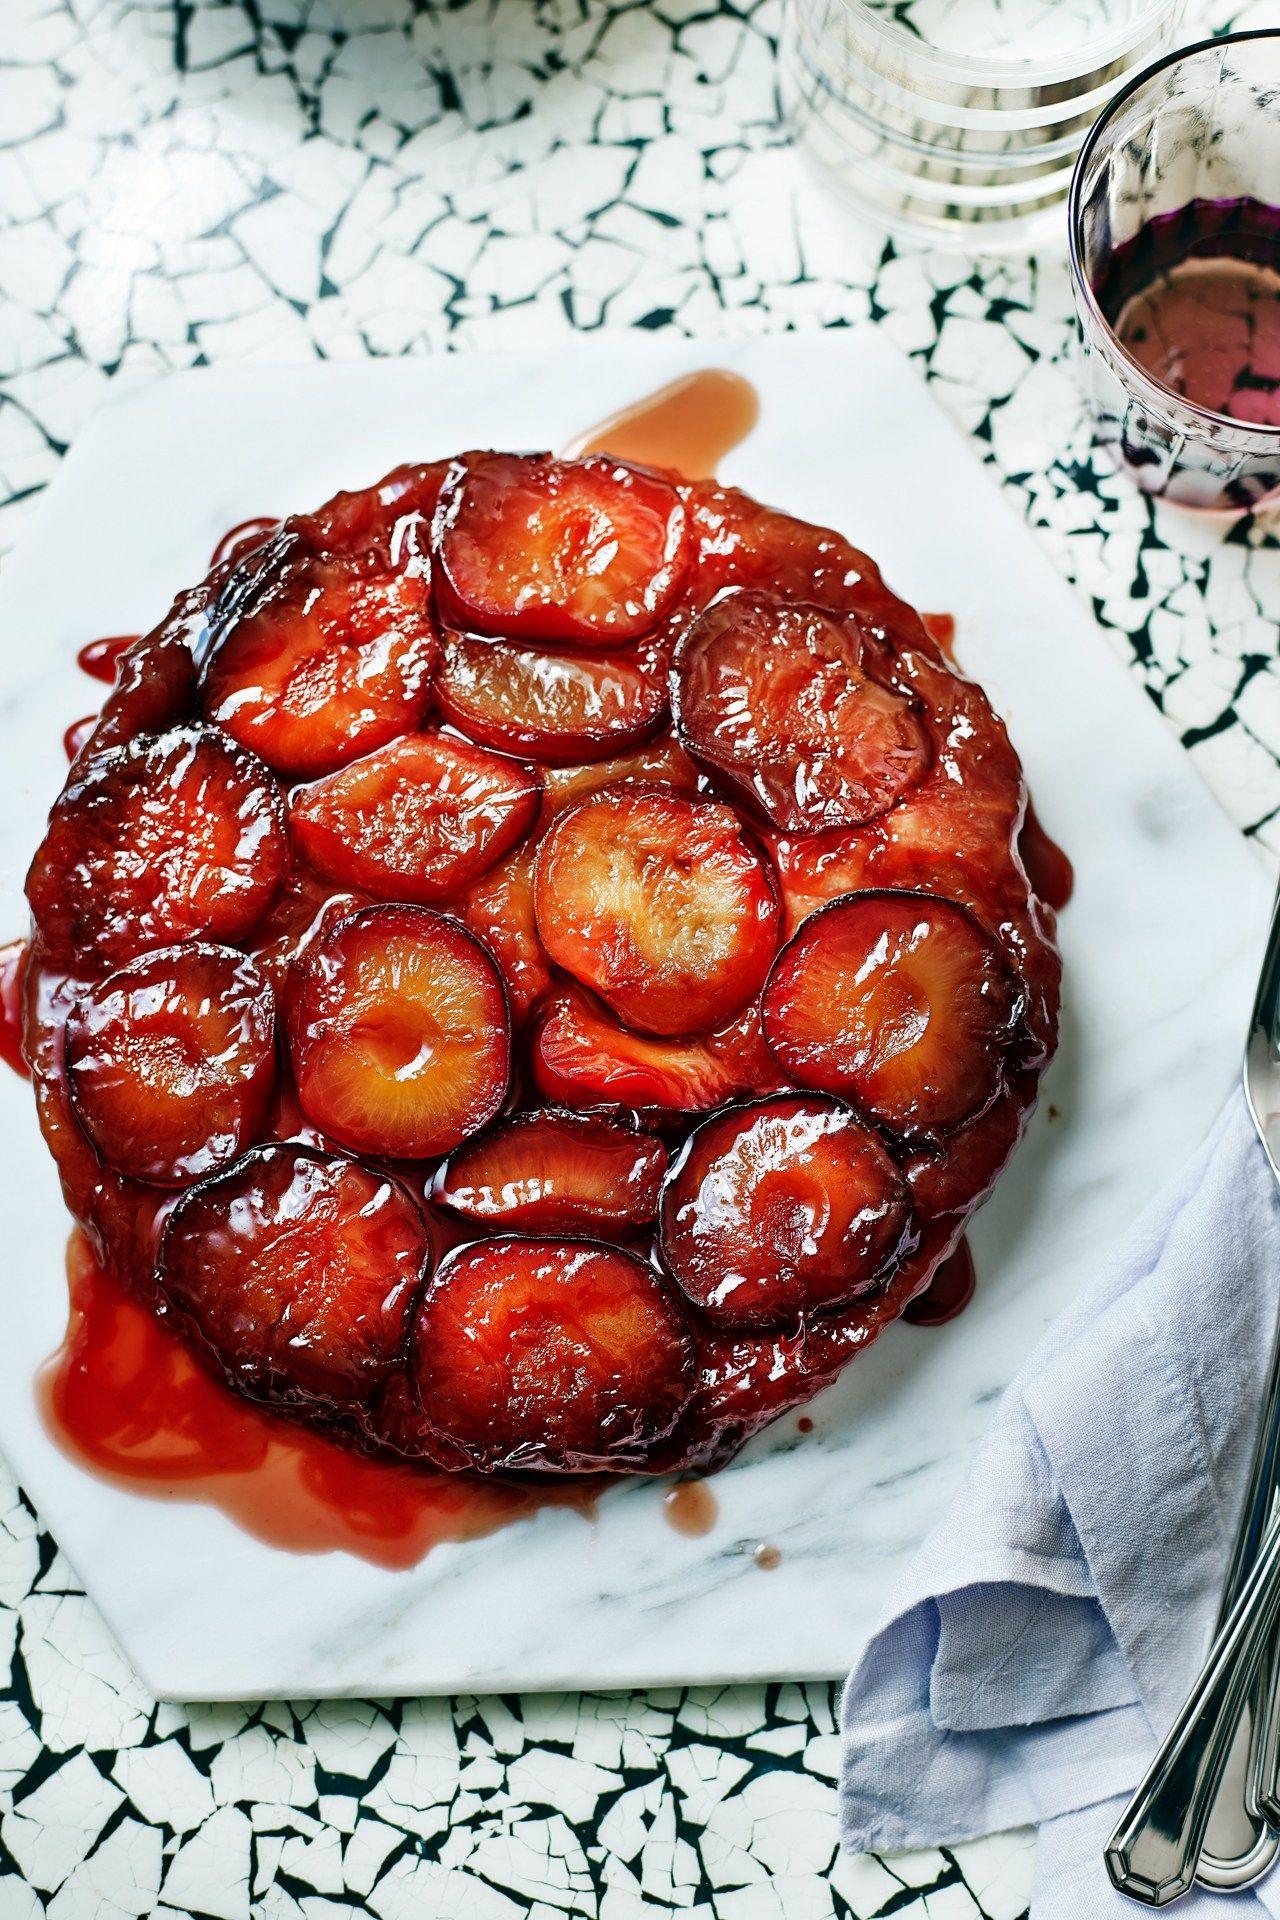 Plum Tarte Tatin With Spiced Red Wine Glaze Recipe Plum Recipes Plum Tarte Tatin Plum Dessert